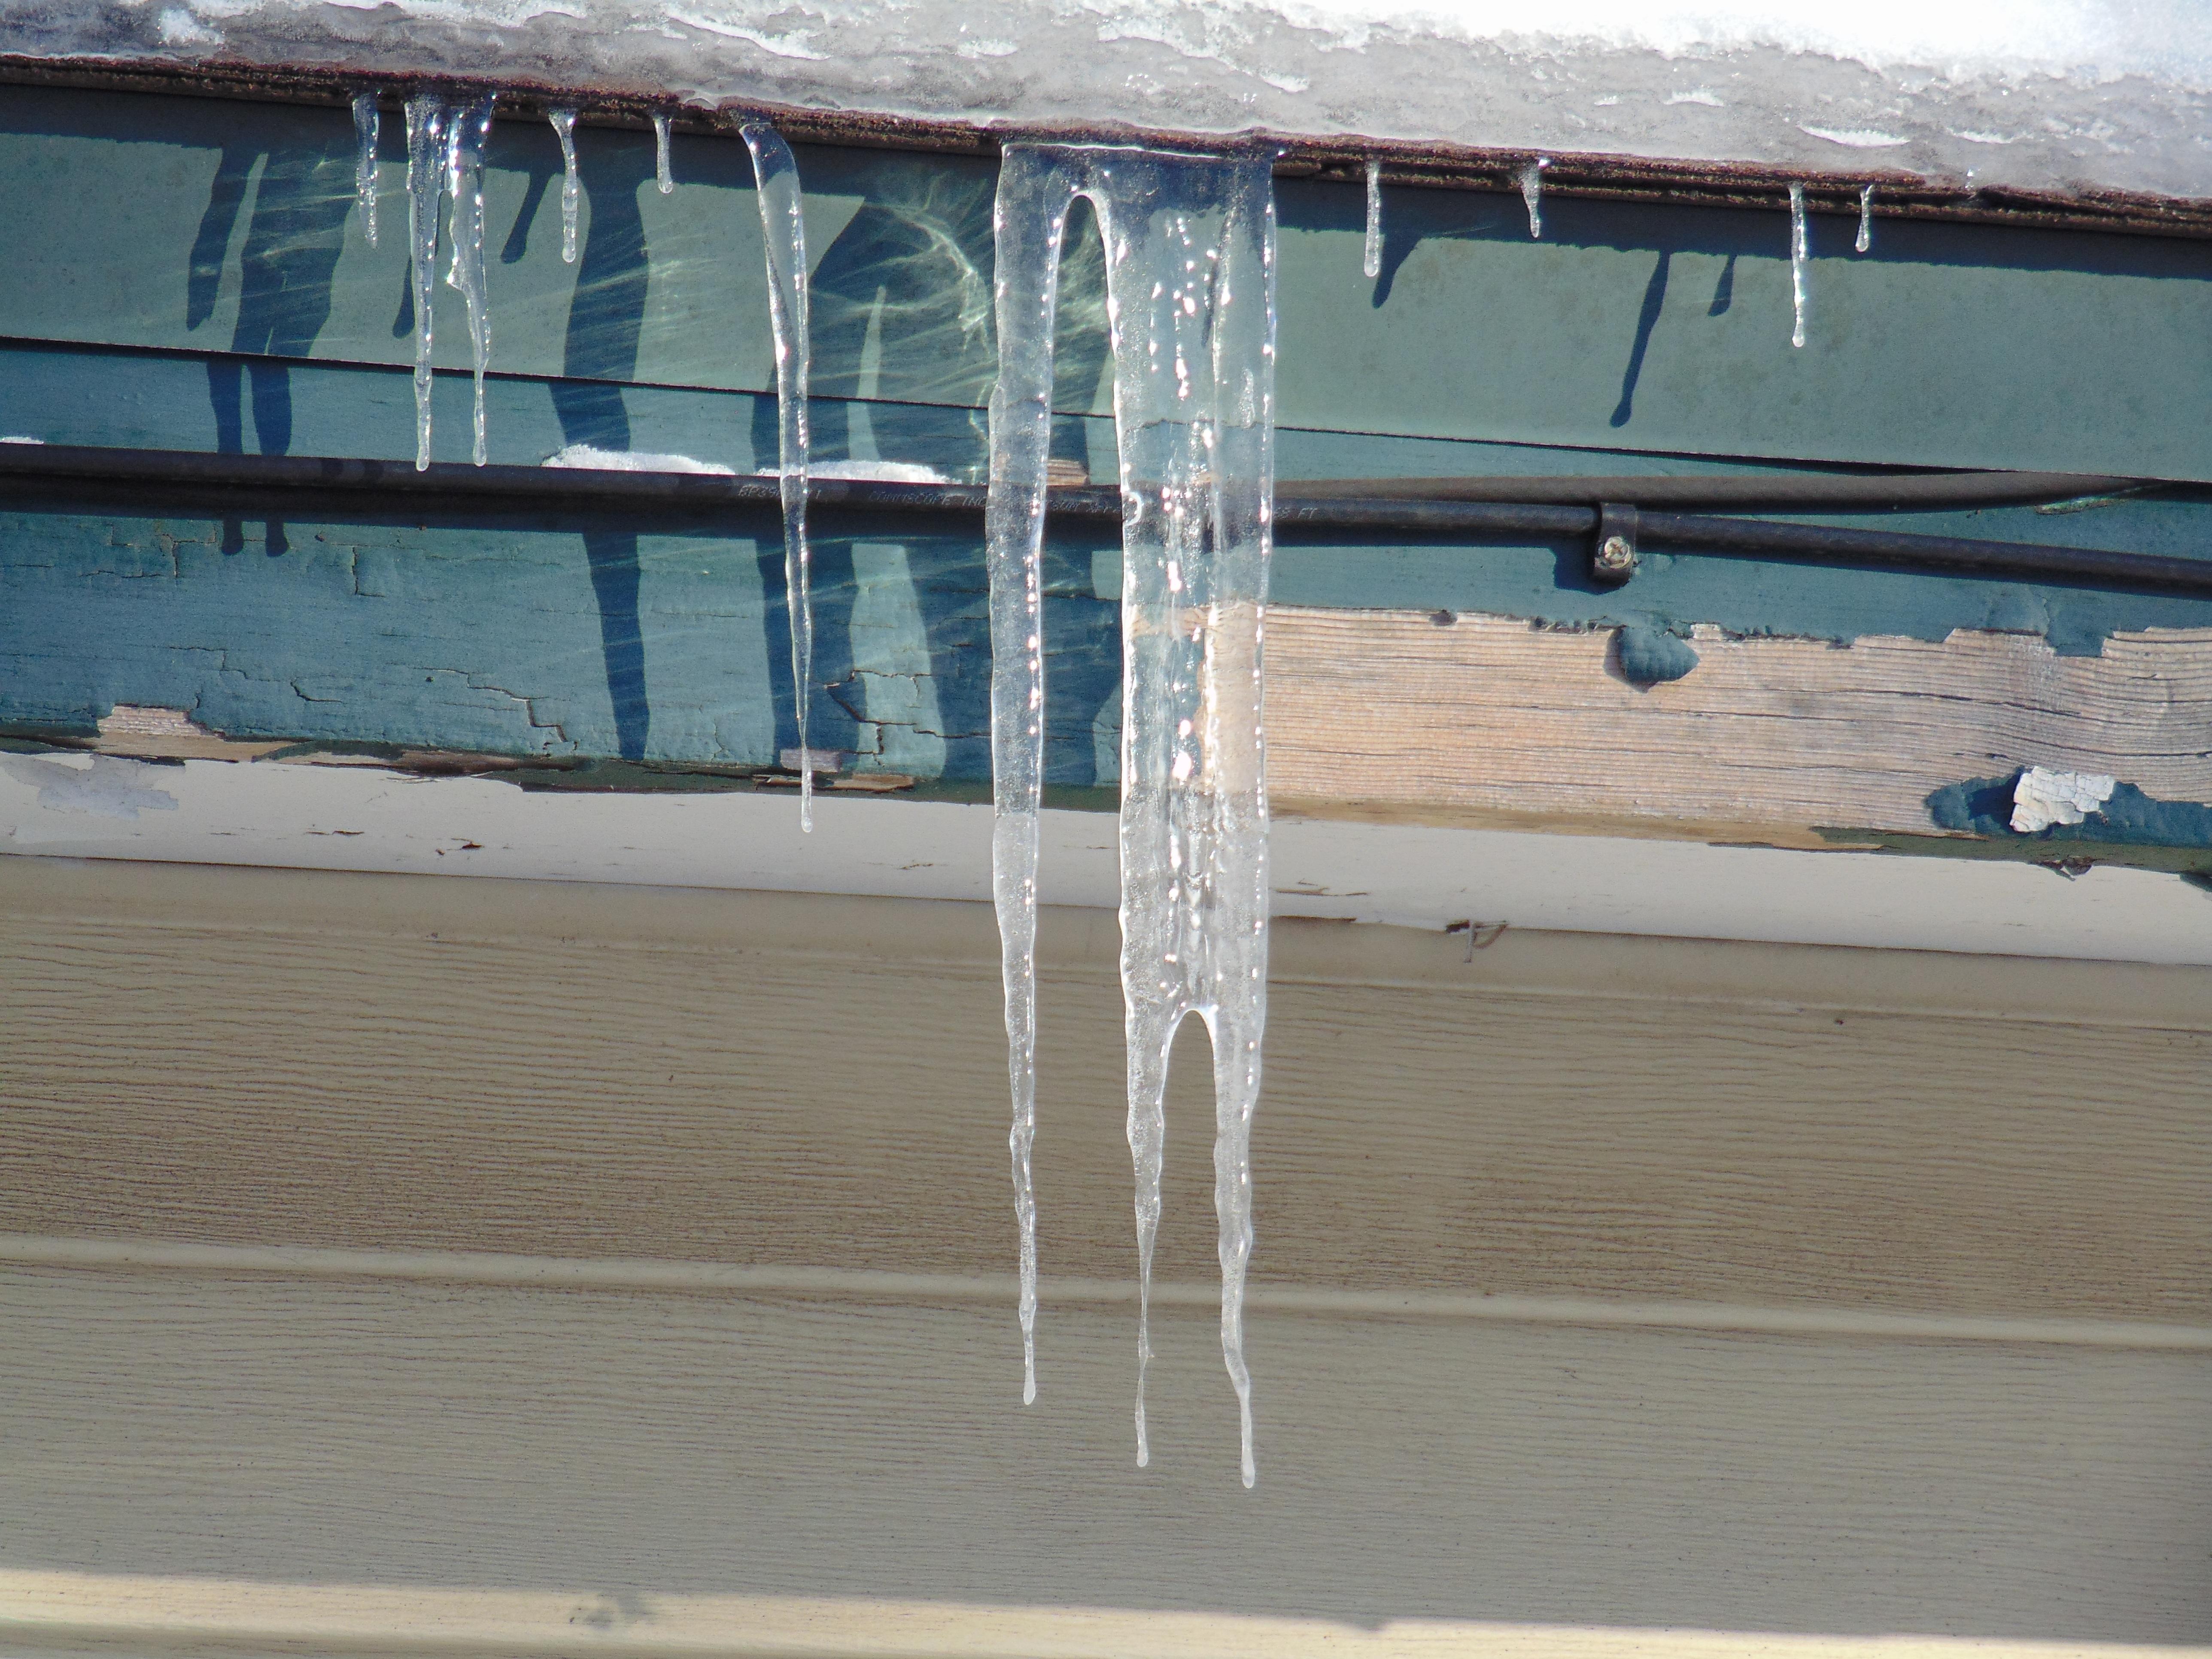 Kostenlose foto : Schnee, kalt, Winter, Holz, Fenster, Dach, Kabel ...